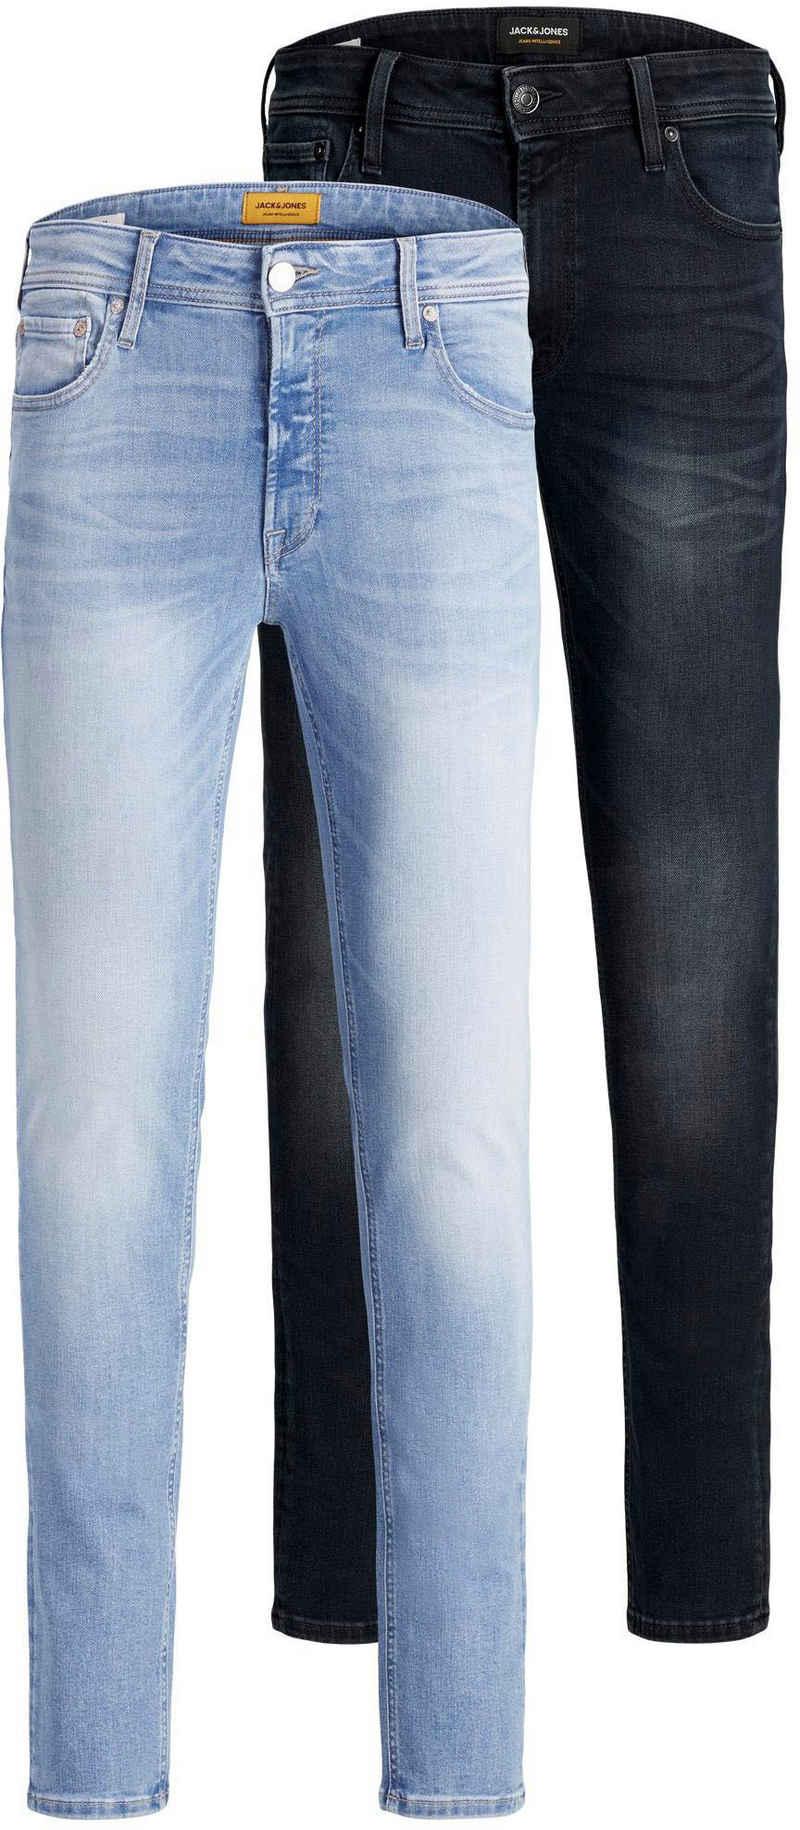 Jack & Jones Skinny-fit-Jeans »LIAM ORIGINAL« (Packung, 2-tlg., 2er-Pack) 2er Packung